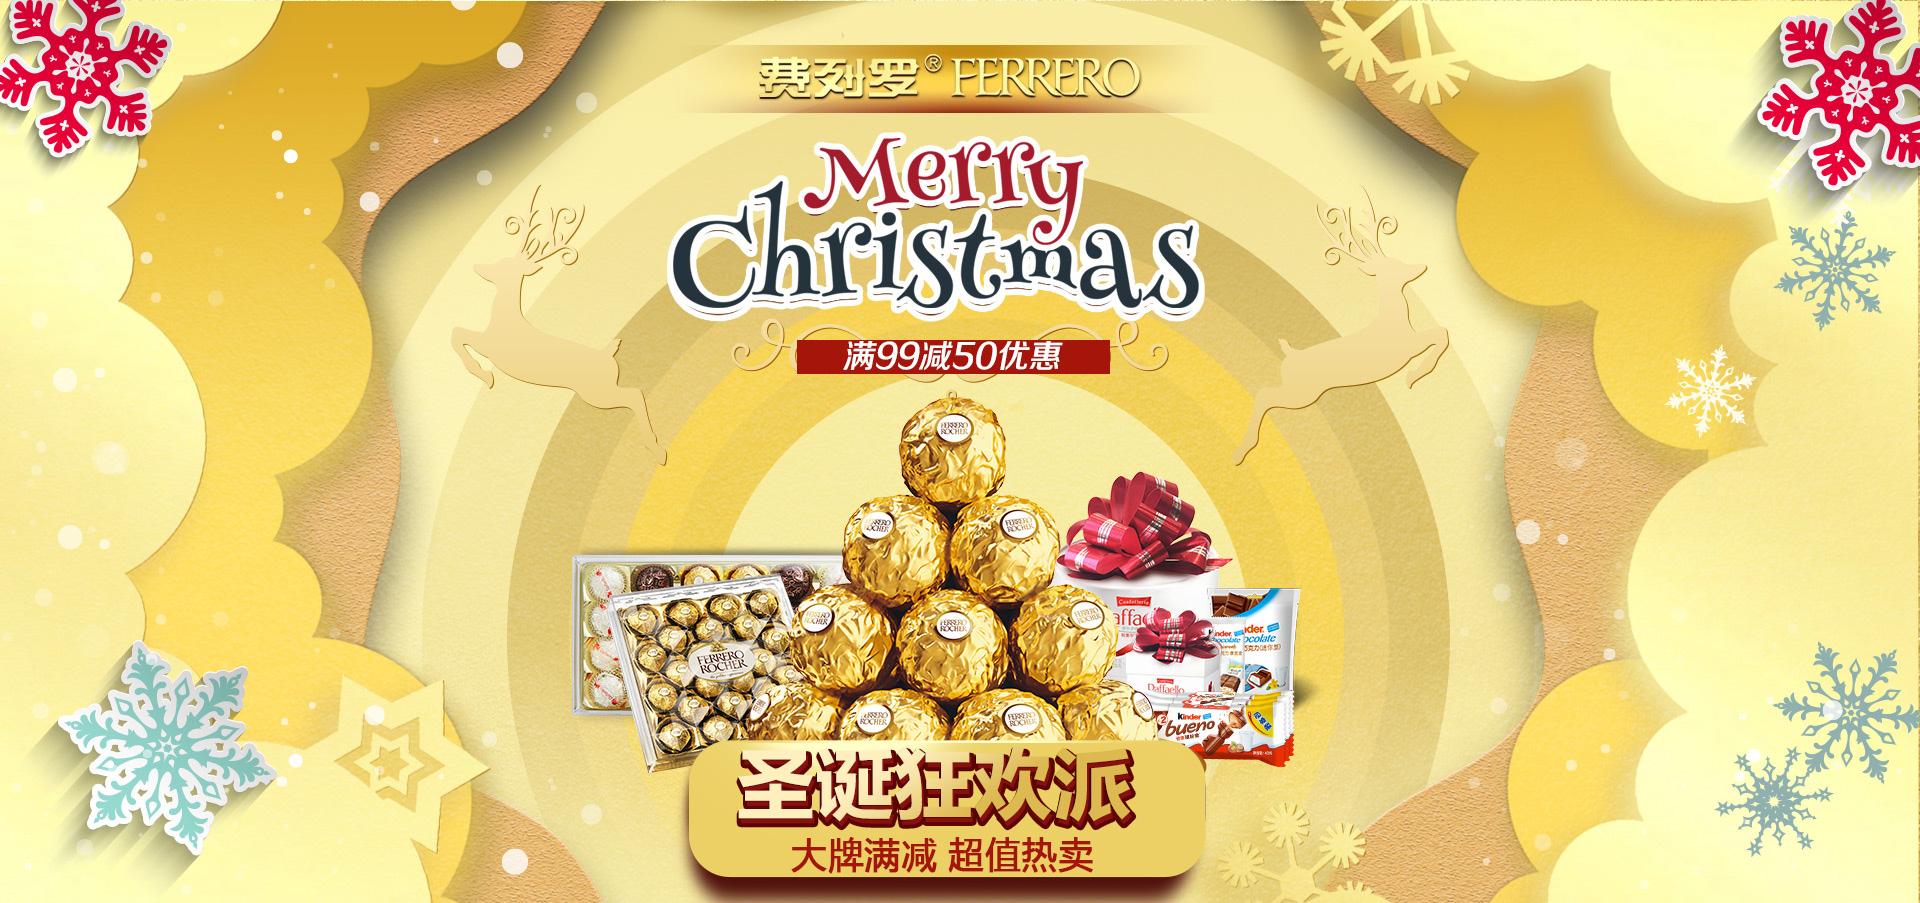 费列罗/Ferrero 京东官方旗舰店圣诞促销